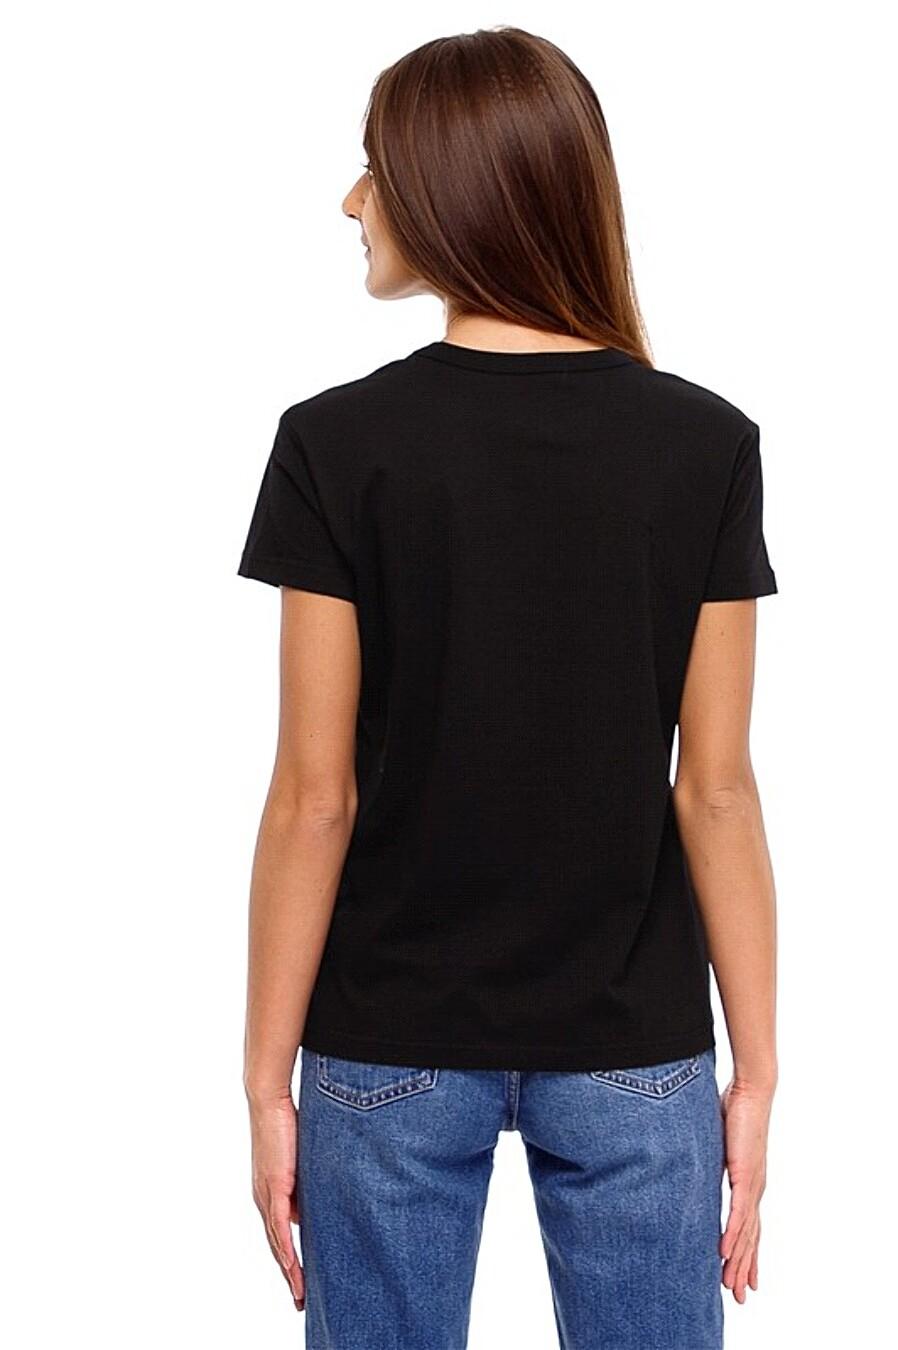 Футболка  для женщин Archi 288716 купить оптом от производителя. Совместная покупка женской одежды в OptMoyo